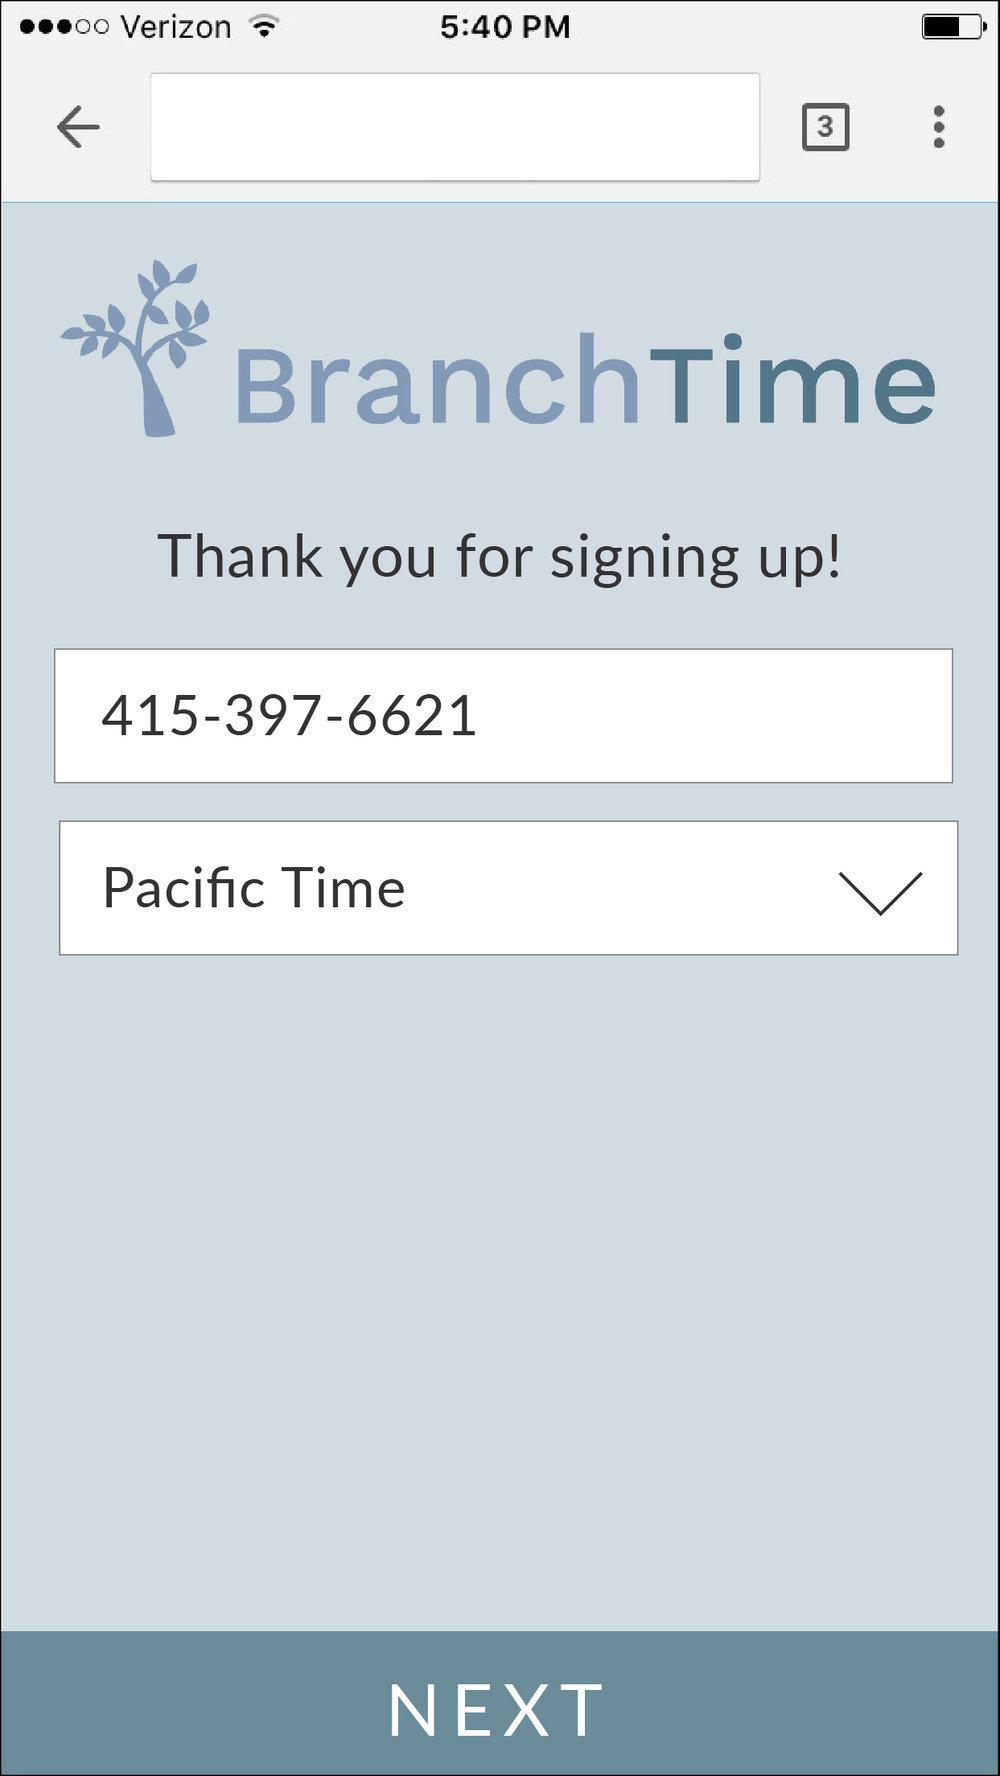 Branchtime-UI-Draft-04-12-16_3.jpg